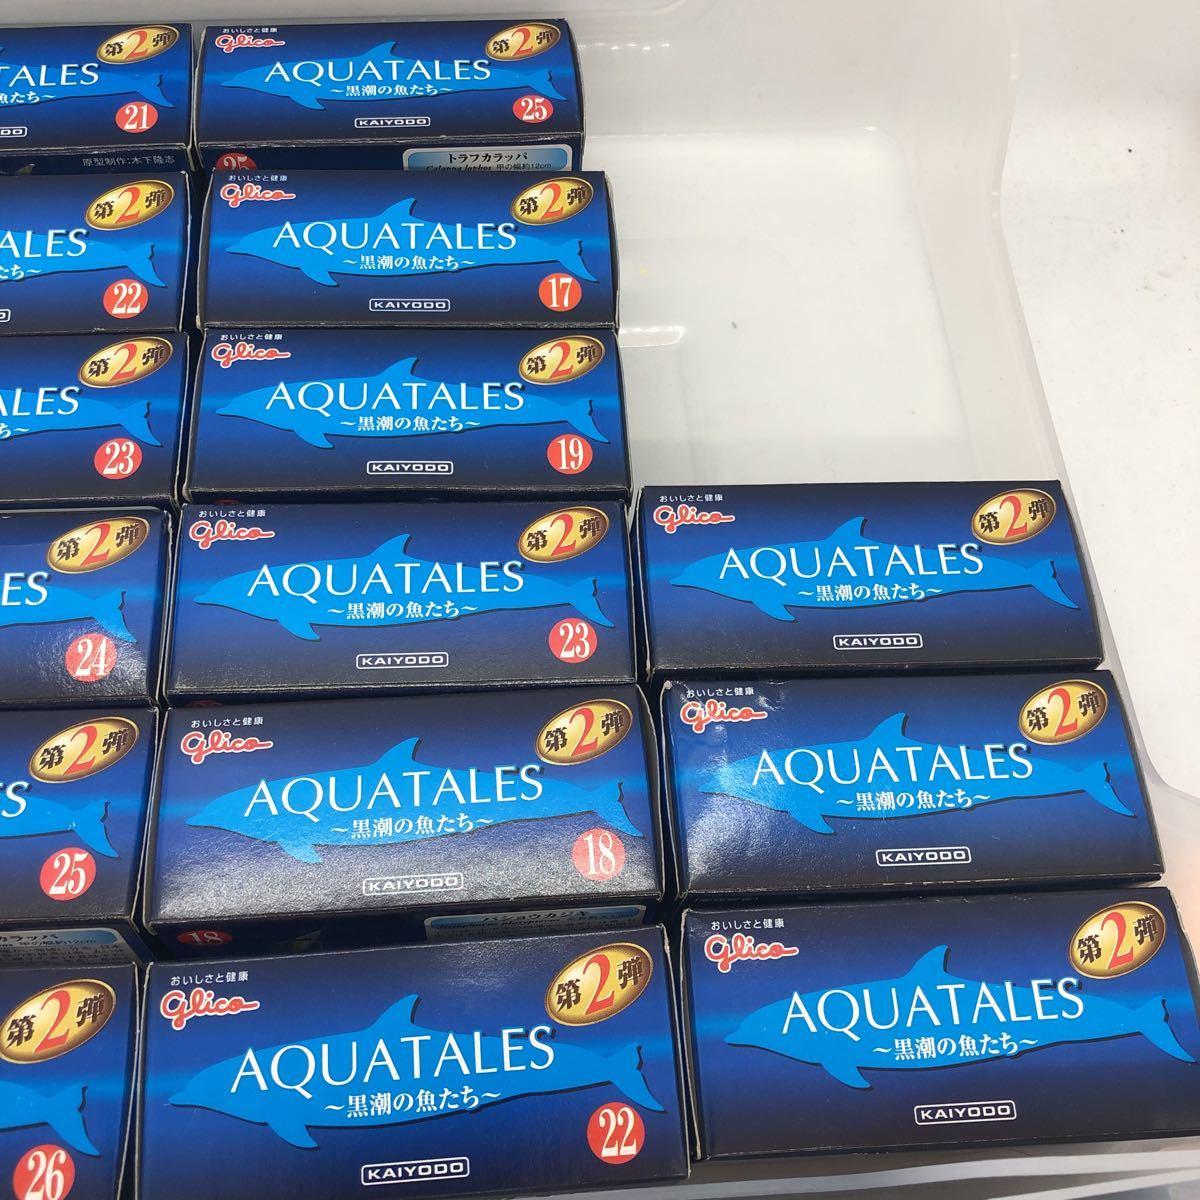 グリコglico AQUATALES~黒潮の魚たち~ KAIYODO 海洋堂 第1弾 第2弾 未使用品